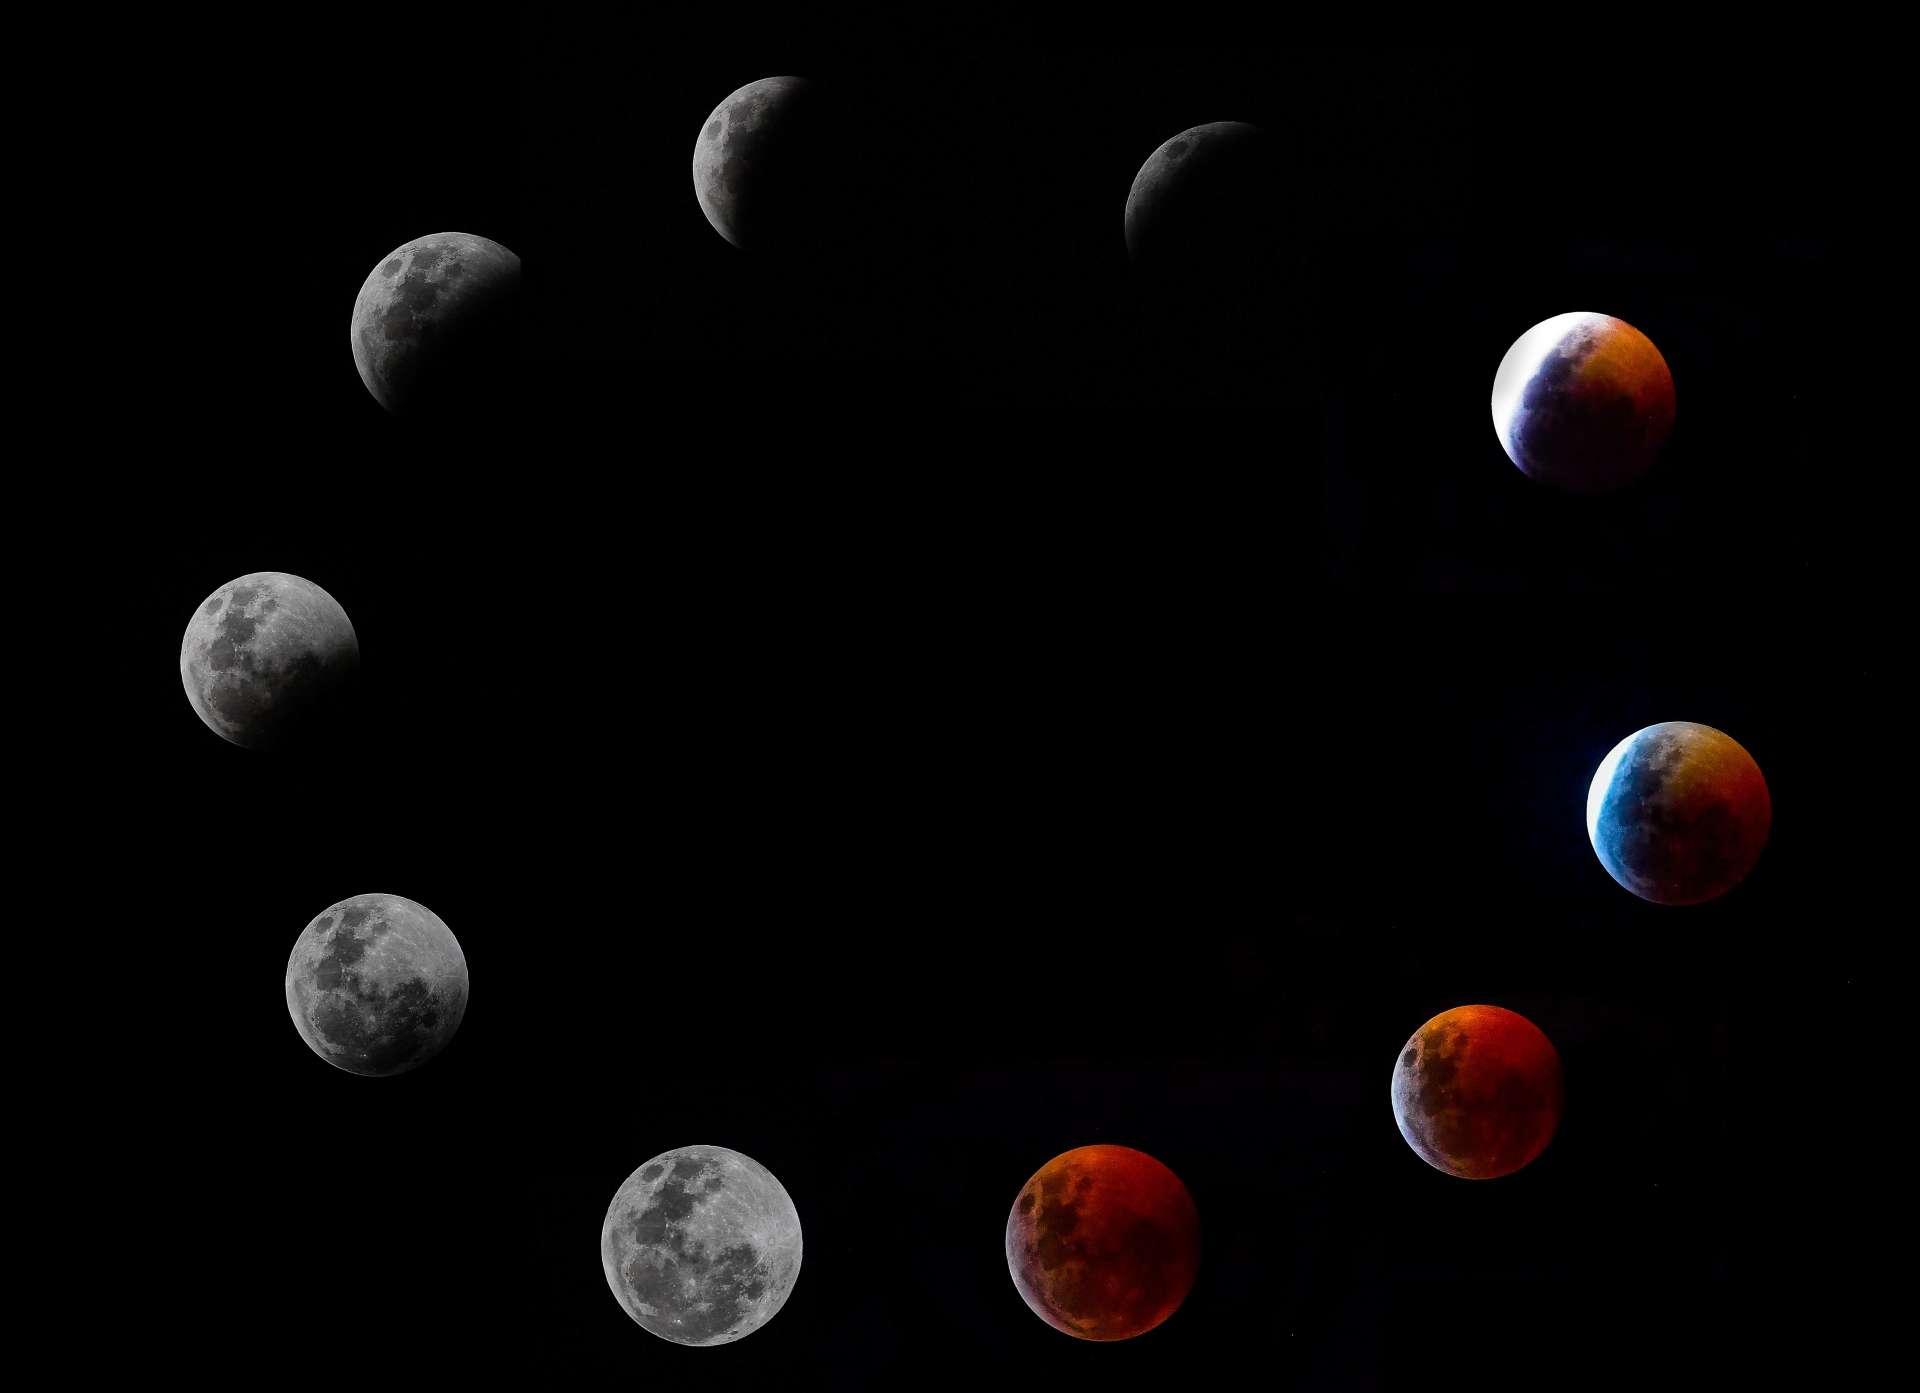 Les différentes phases de l'éclipse totale de la Lune, dans la nuit de dimanche à lundi.